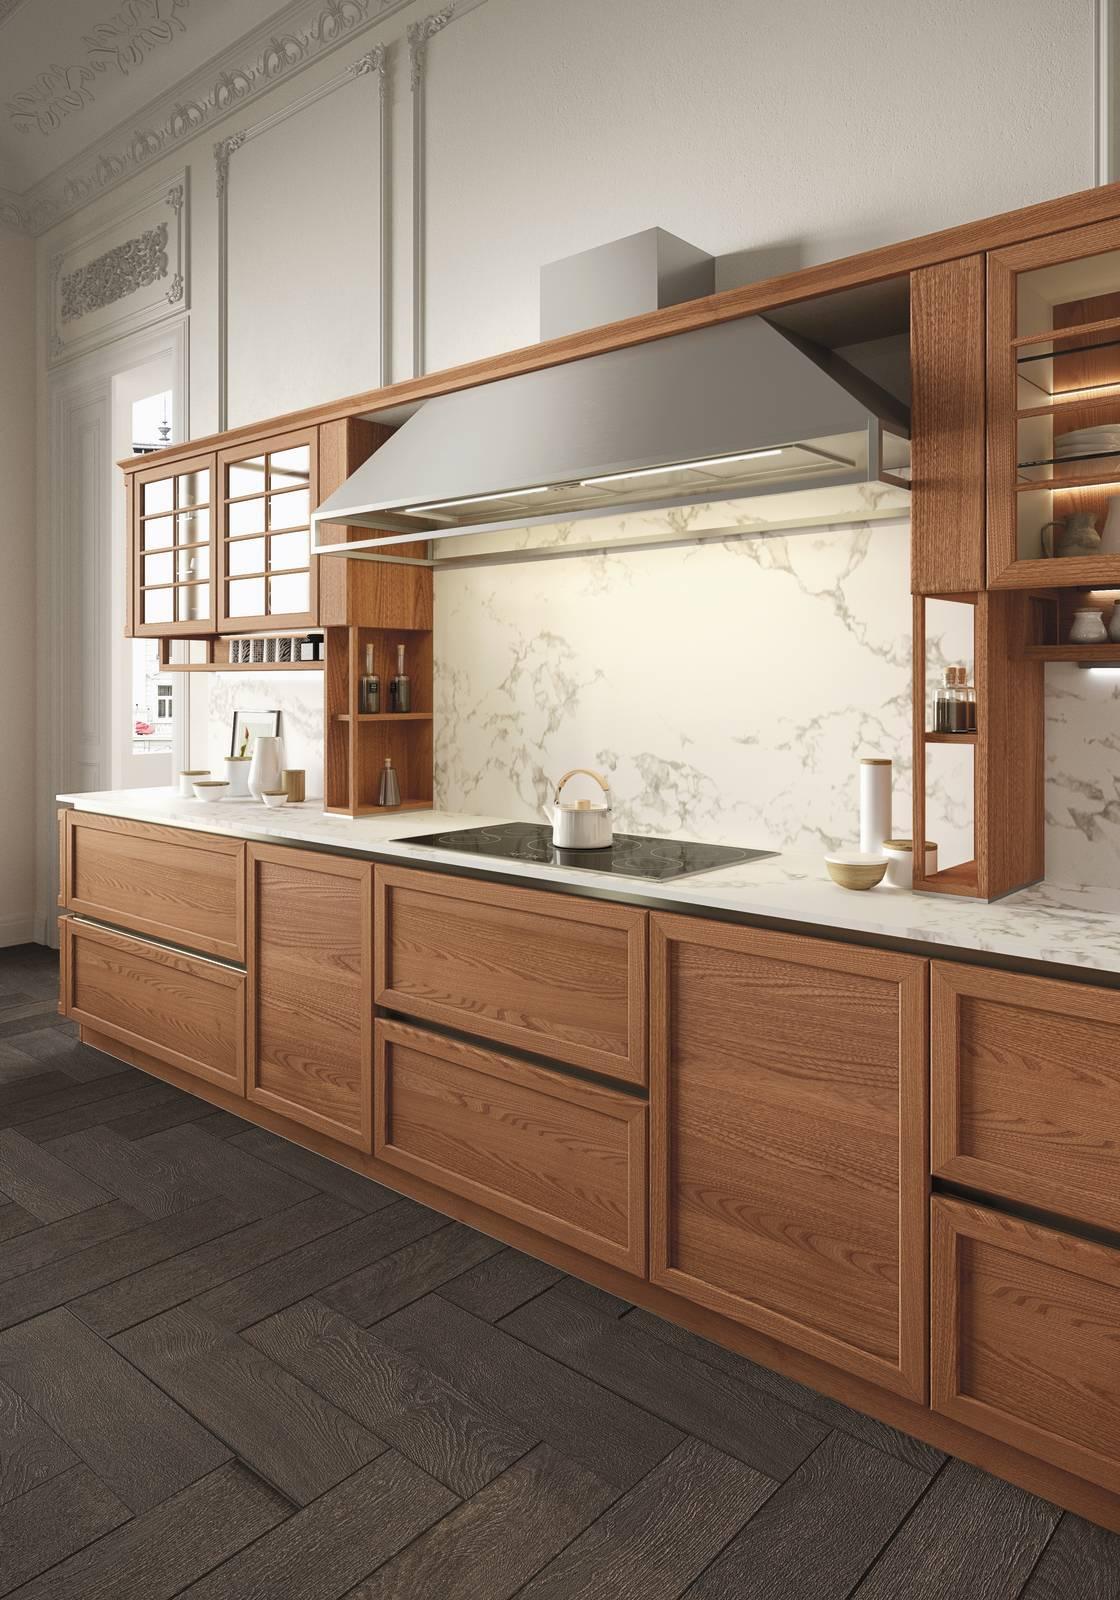 Cucina old style fuori, smart dentro - Cose di Casa